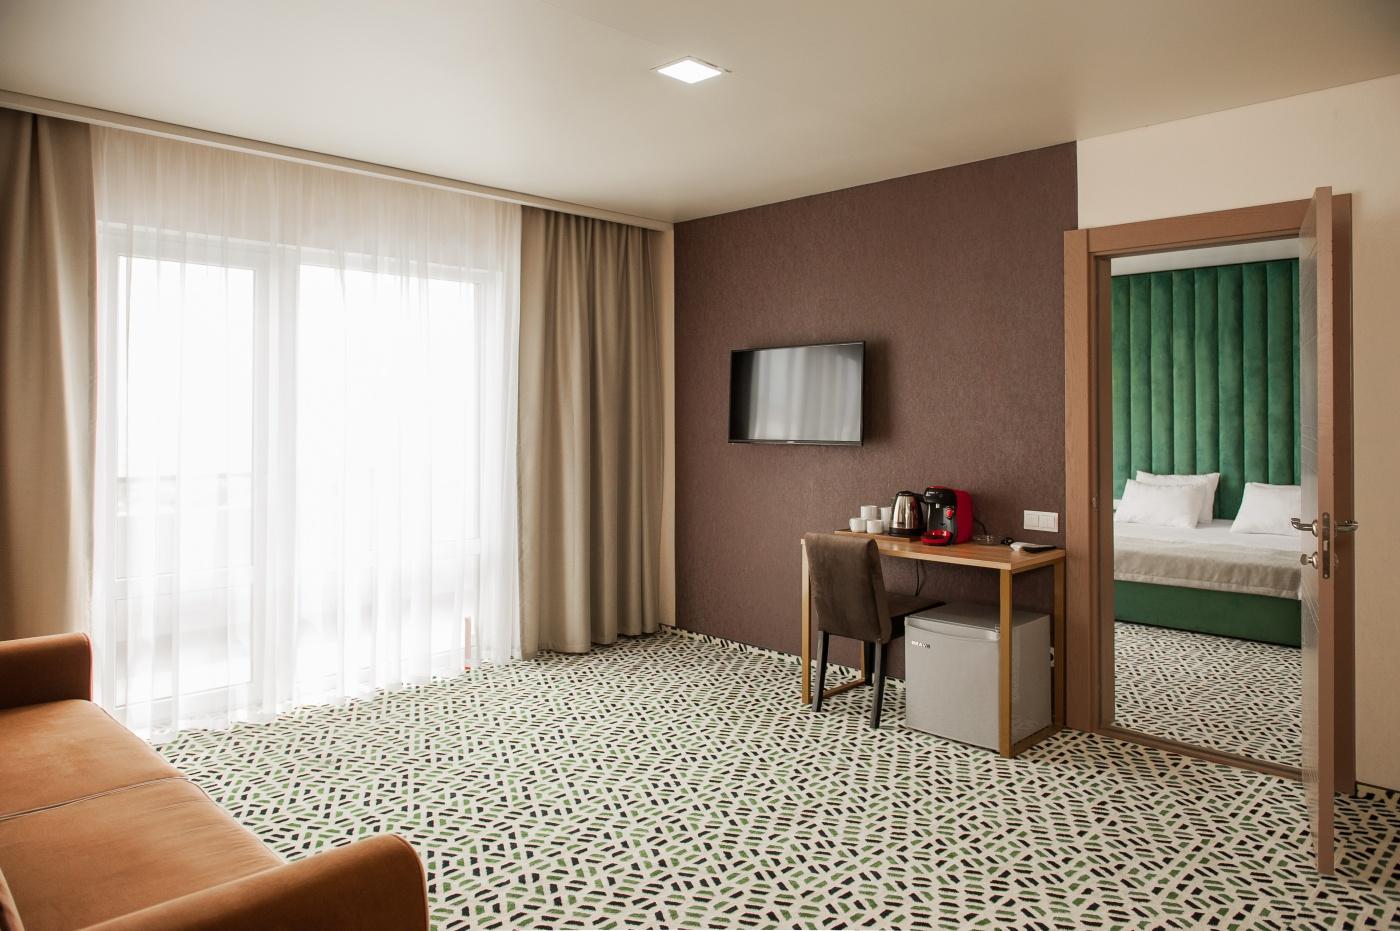 Отель «Aurum Family Resort & Spa» Краснодарский край Apartments Superior 2-местный 4-комнатный, фото 2